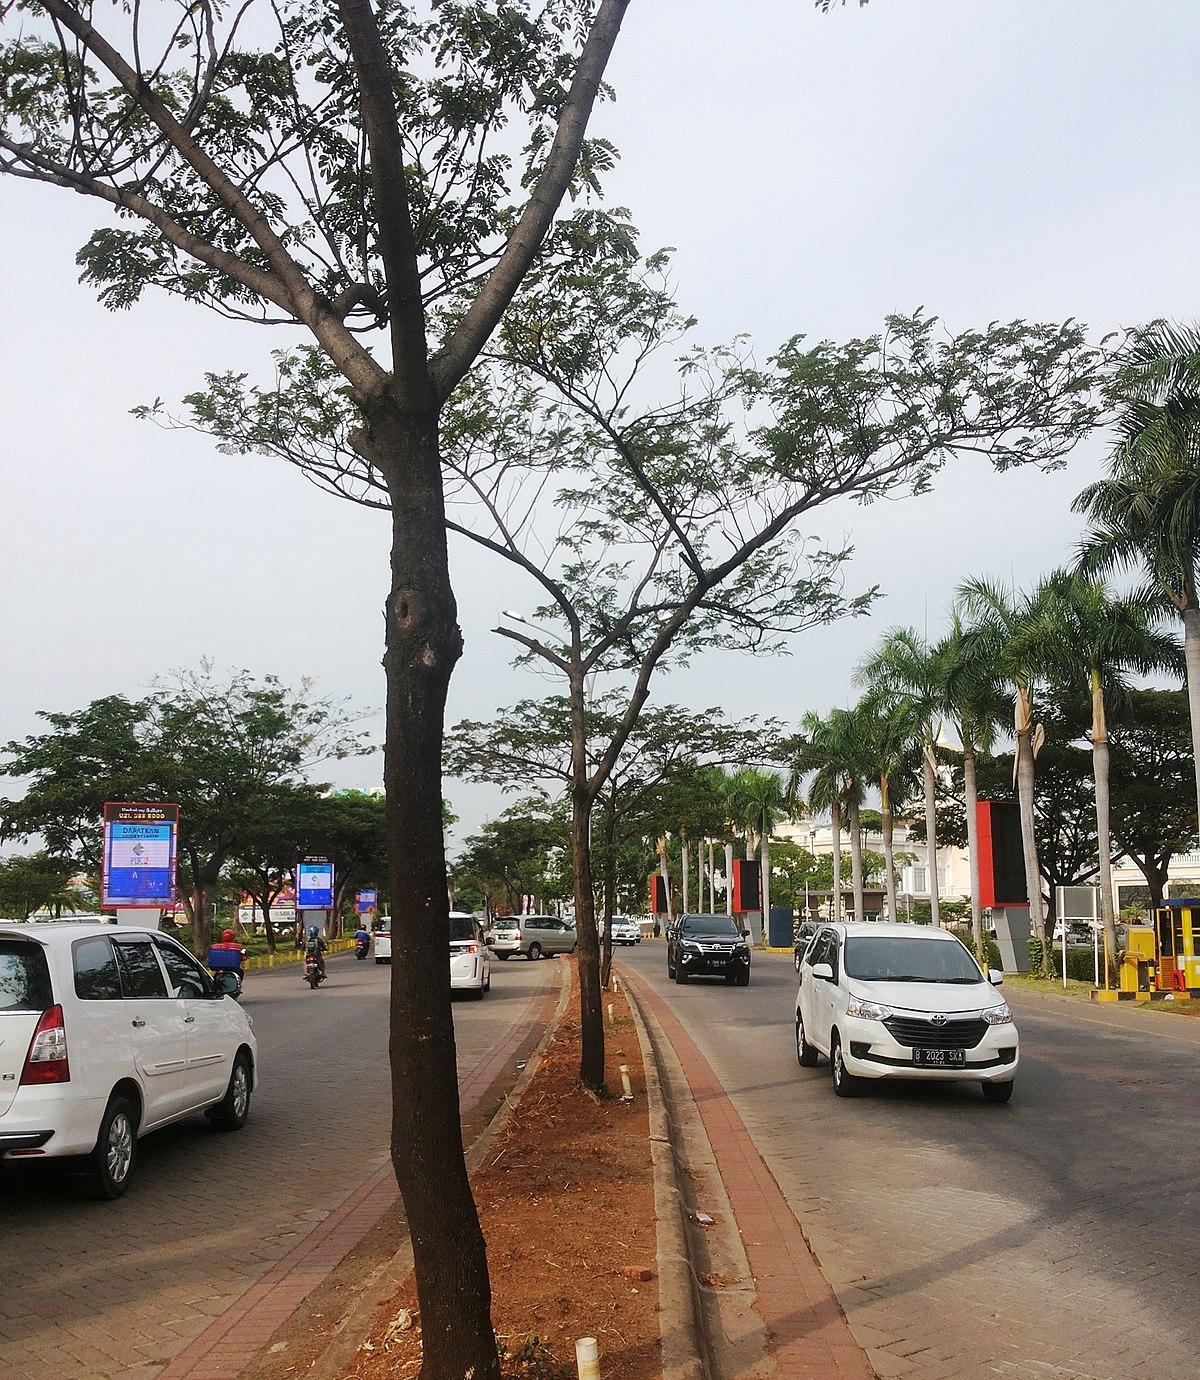 Pantai Indah Kapuk Wikipedia Waterbom Jakarta Kota Administrasi Utara